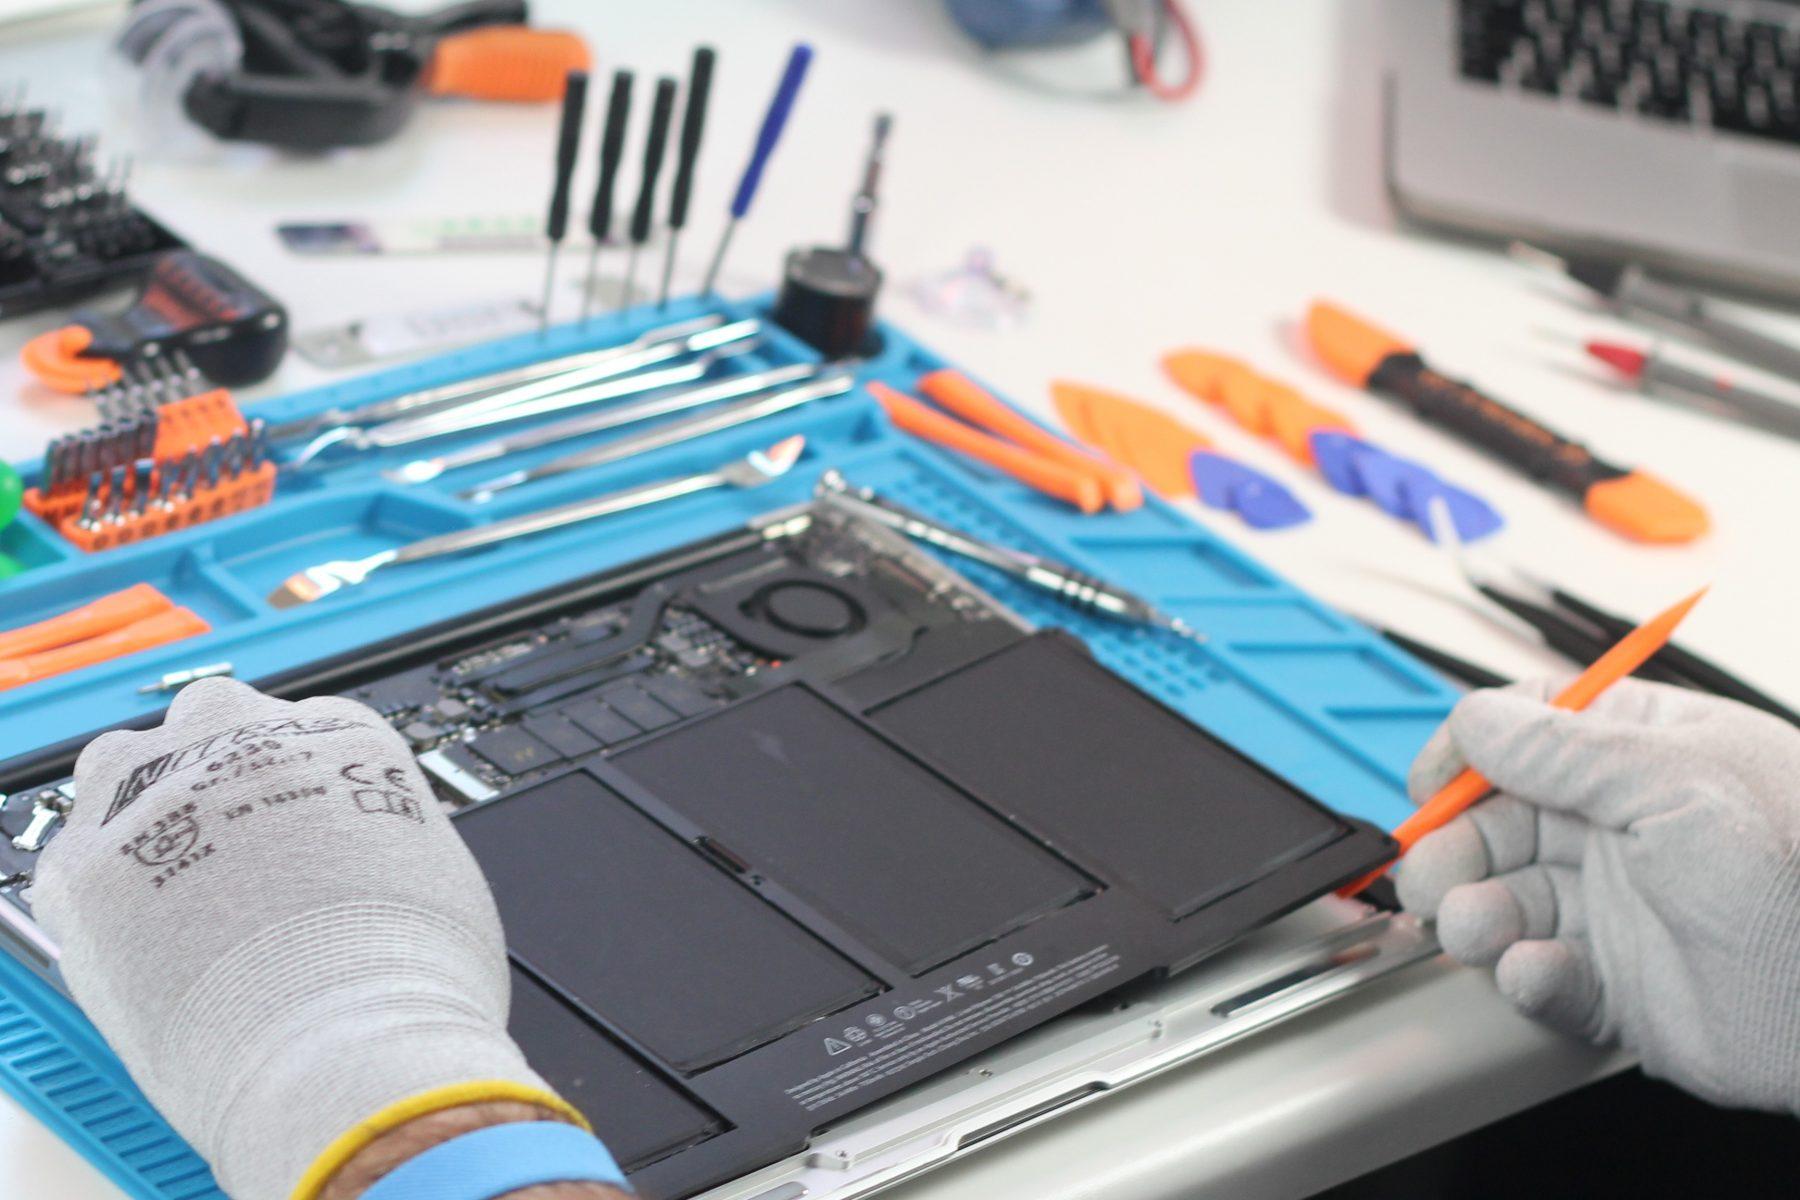 Reparatur eines MacBook Air im APS AllPhoneStore. Foto: APS AllPhoneStore